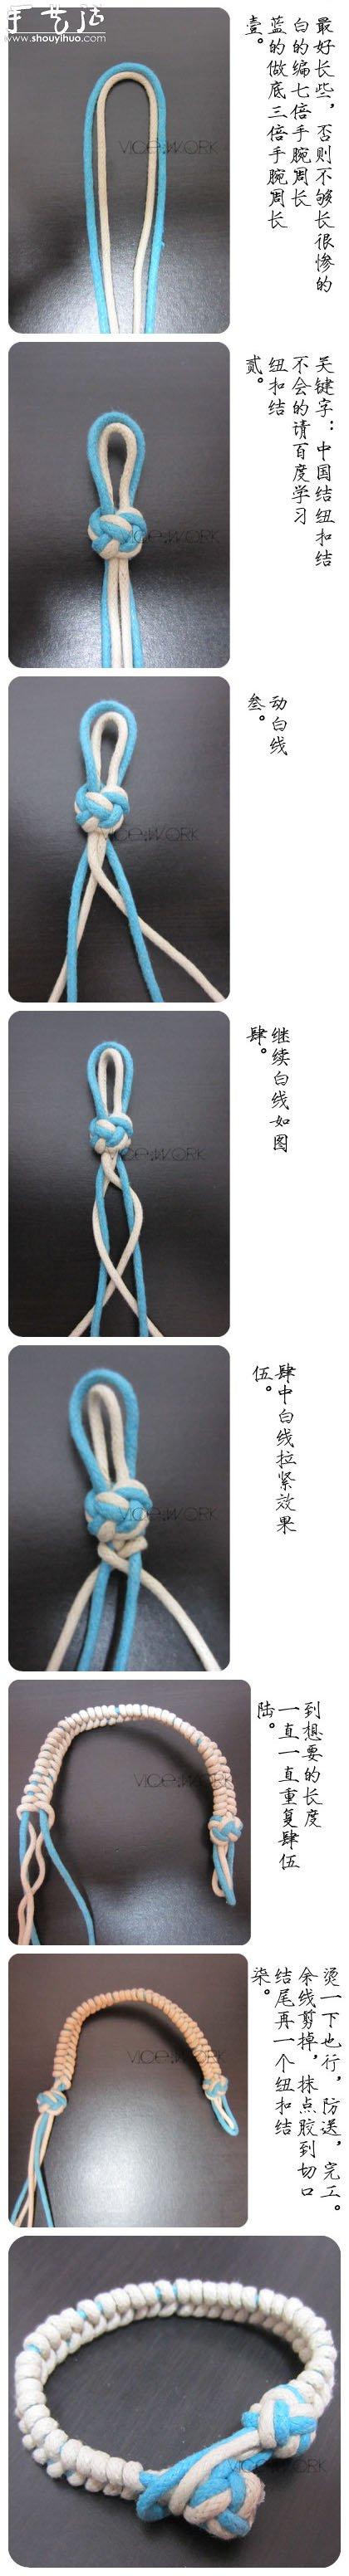 又一款漂亮的手鏈編織教程